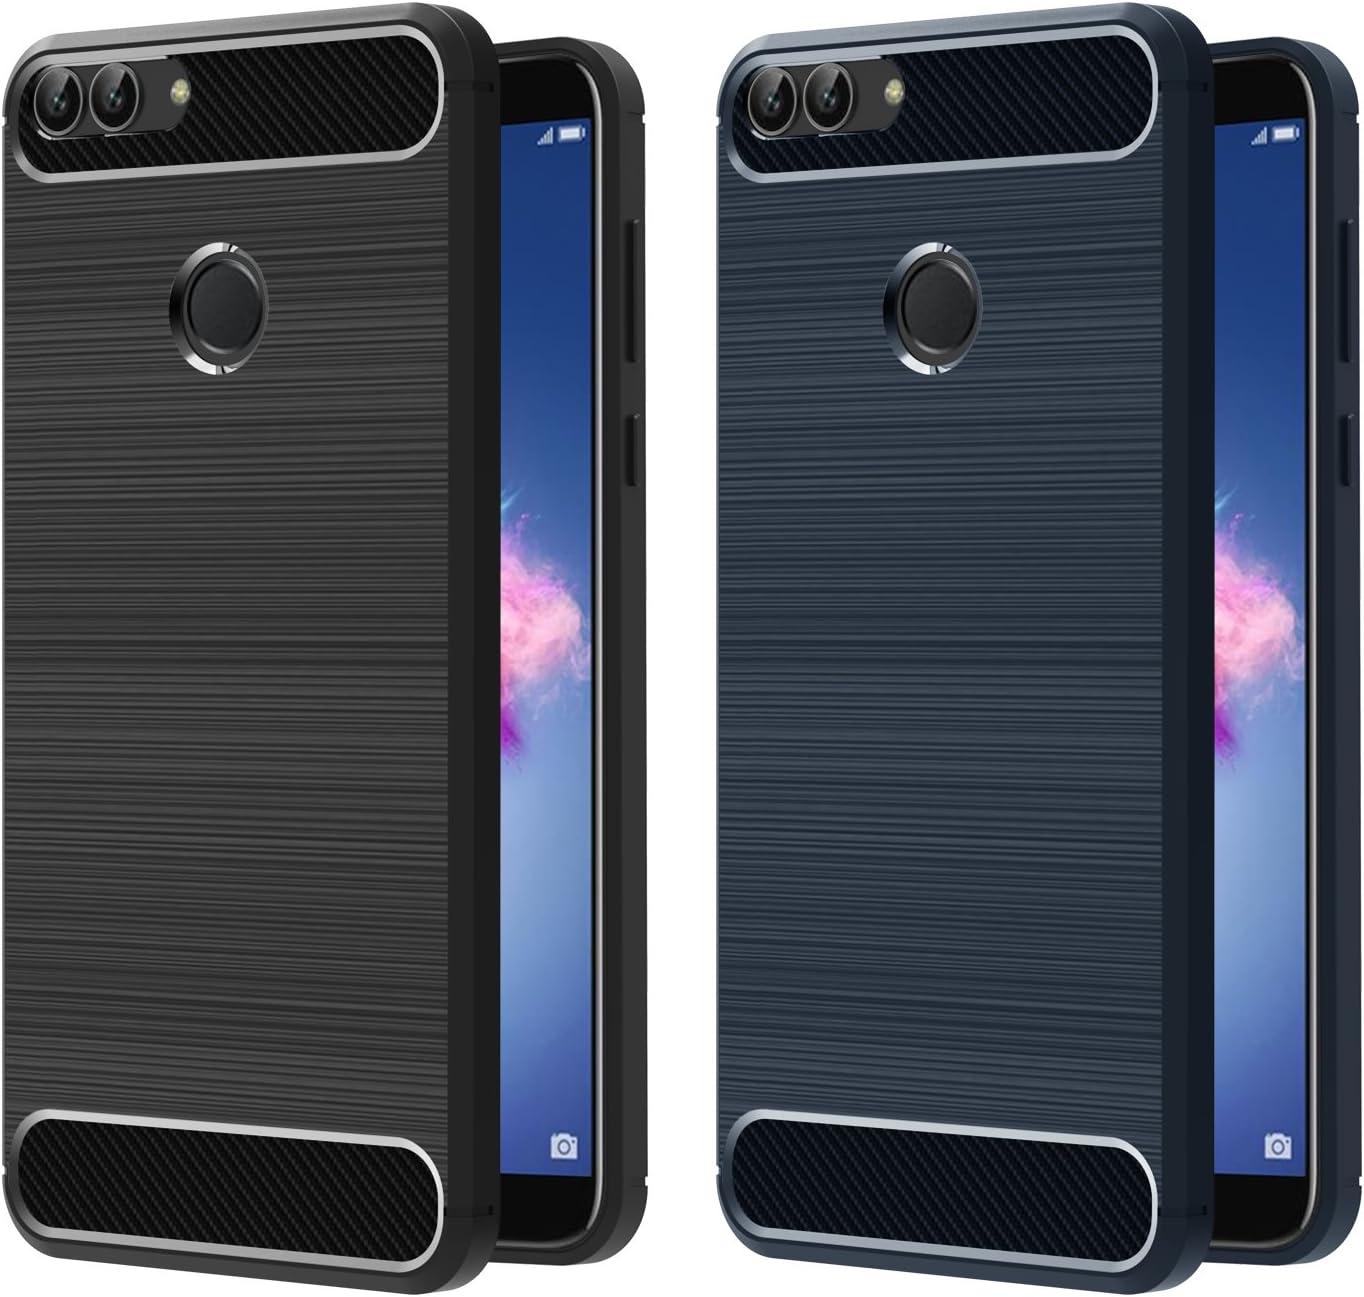 ivoler [2 Unidades] Funda para Huawei P Smart, Diseño de Fibra de Carbon Ultra Fina TPU Silicona Carcasa Fundas Protectora con Shock- Absorción (Negro+Azul): Amazon.es: Electrónica